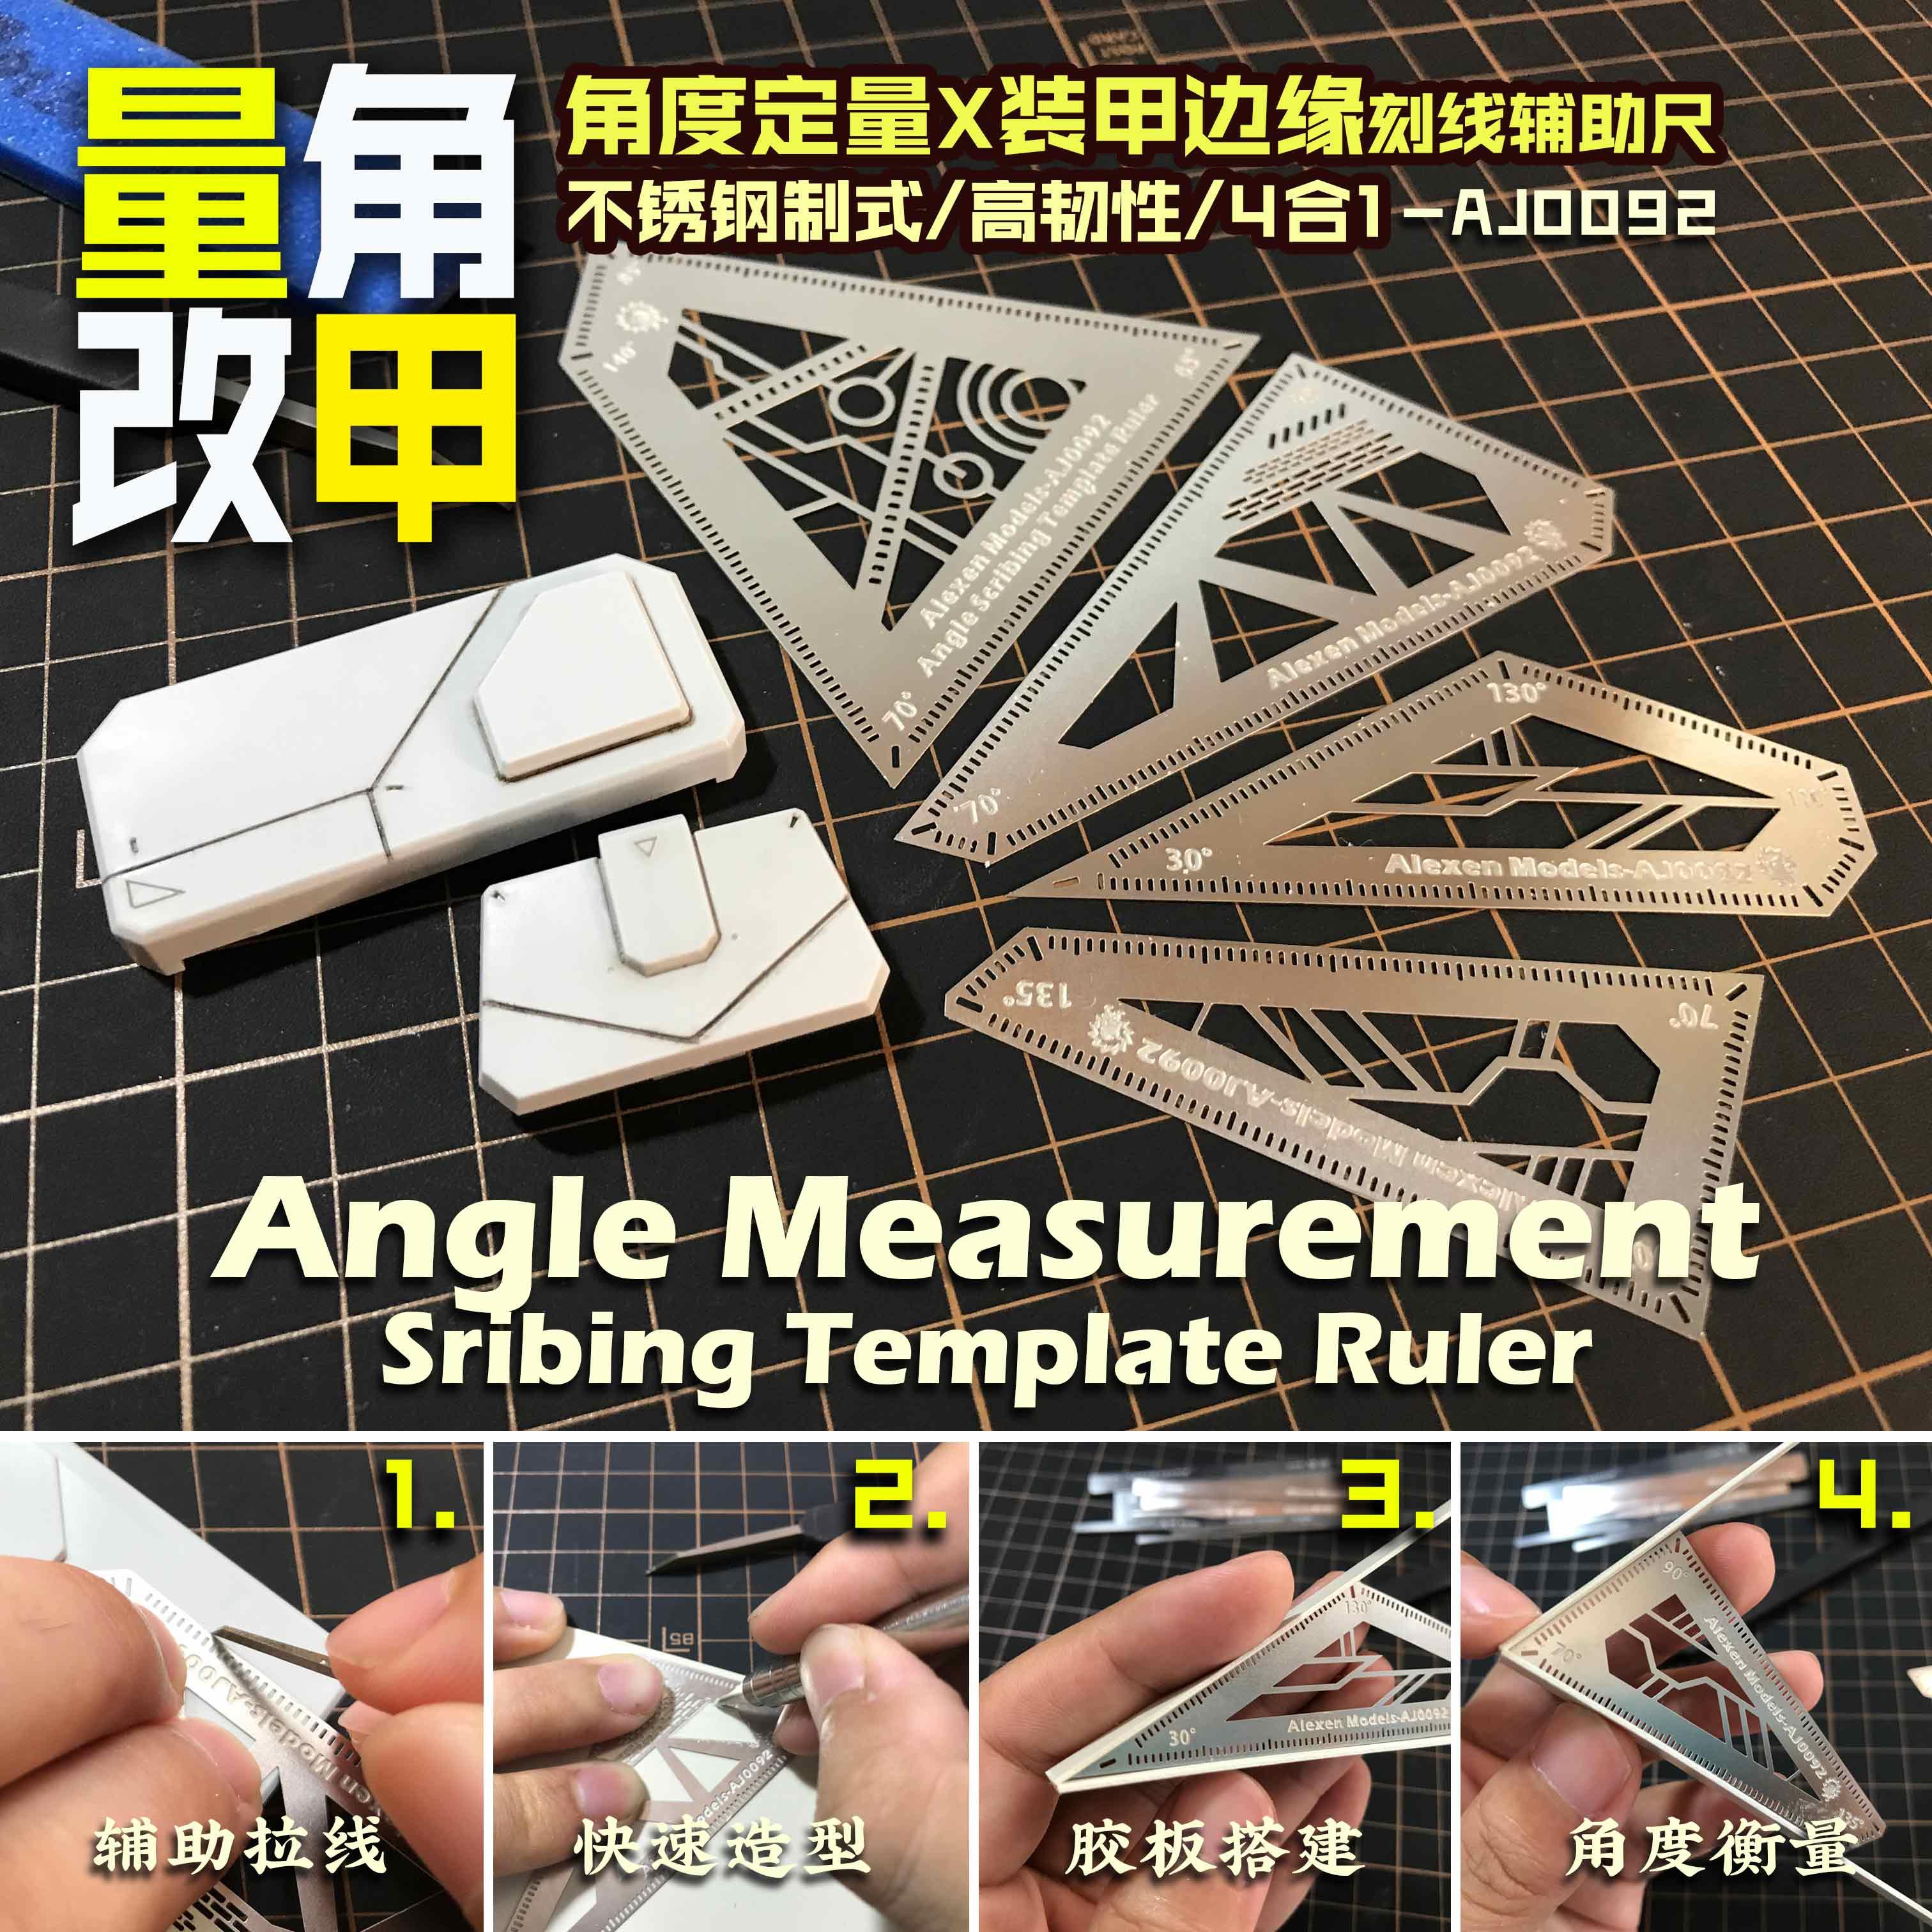 【艾烈臣】AJ0092 角度固定测量 及 高达护甲边缘刻线辅助尺 4In1